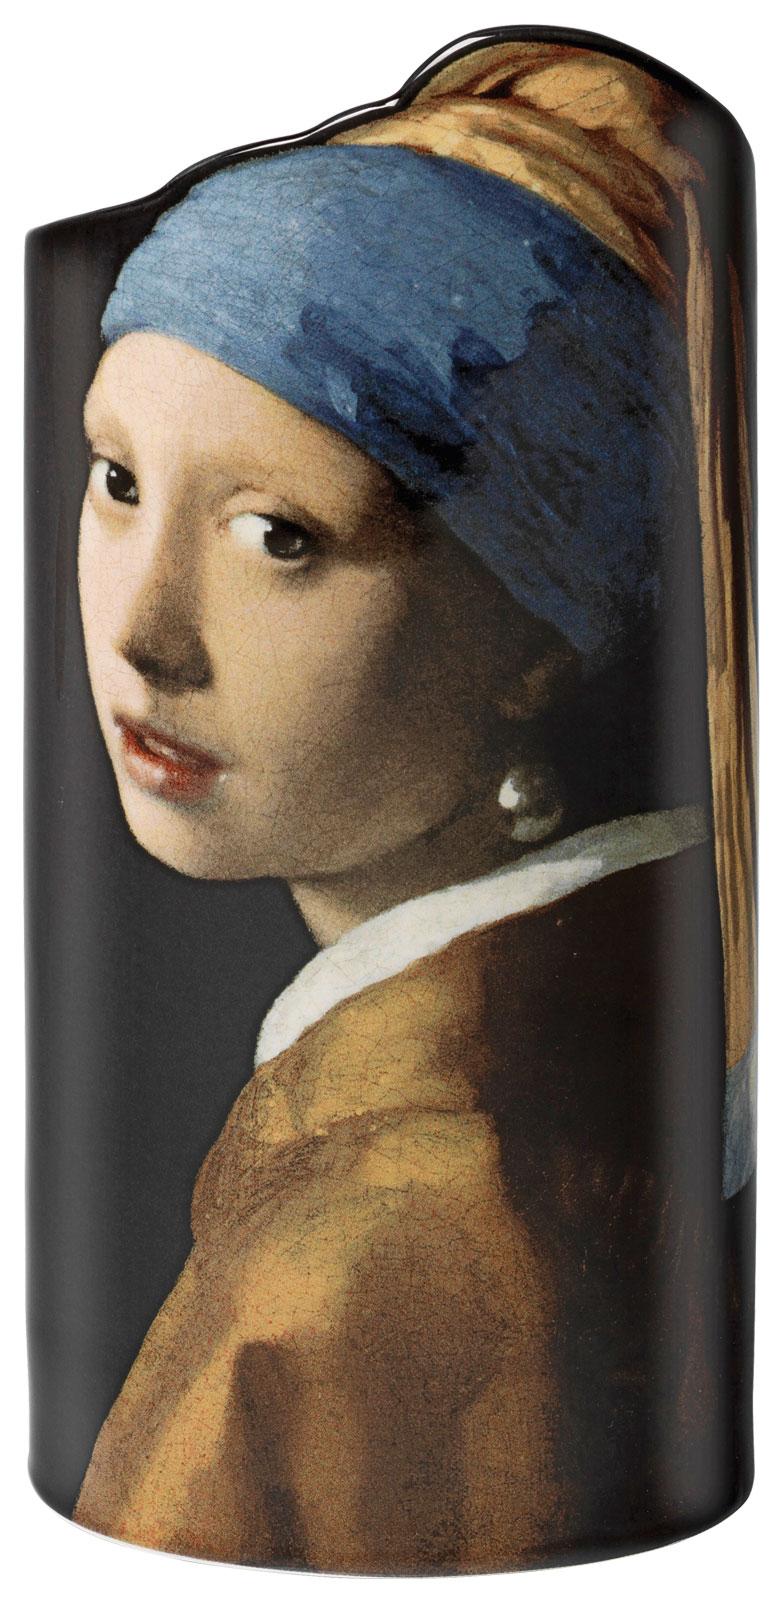 """Porzellanvase """"Das Mädchen mit dem Perlenohrring"""" (1665)"""